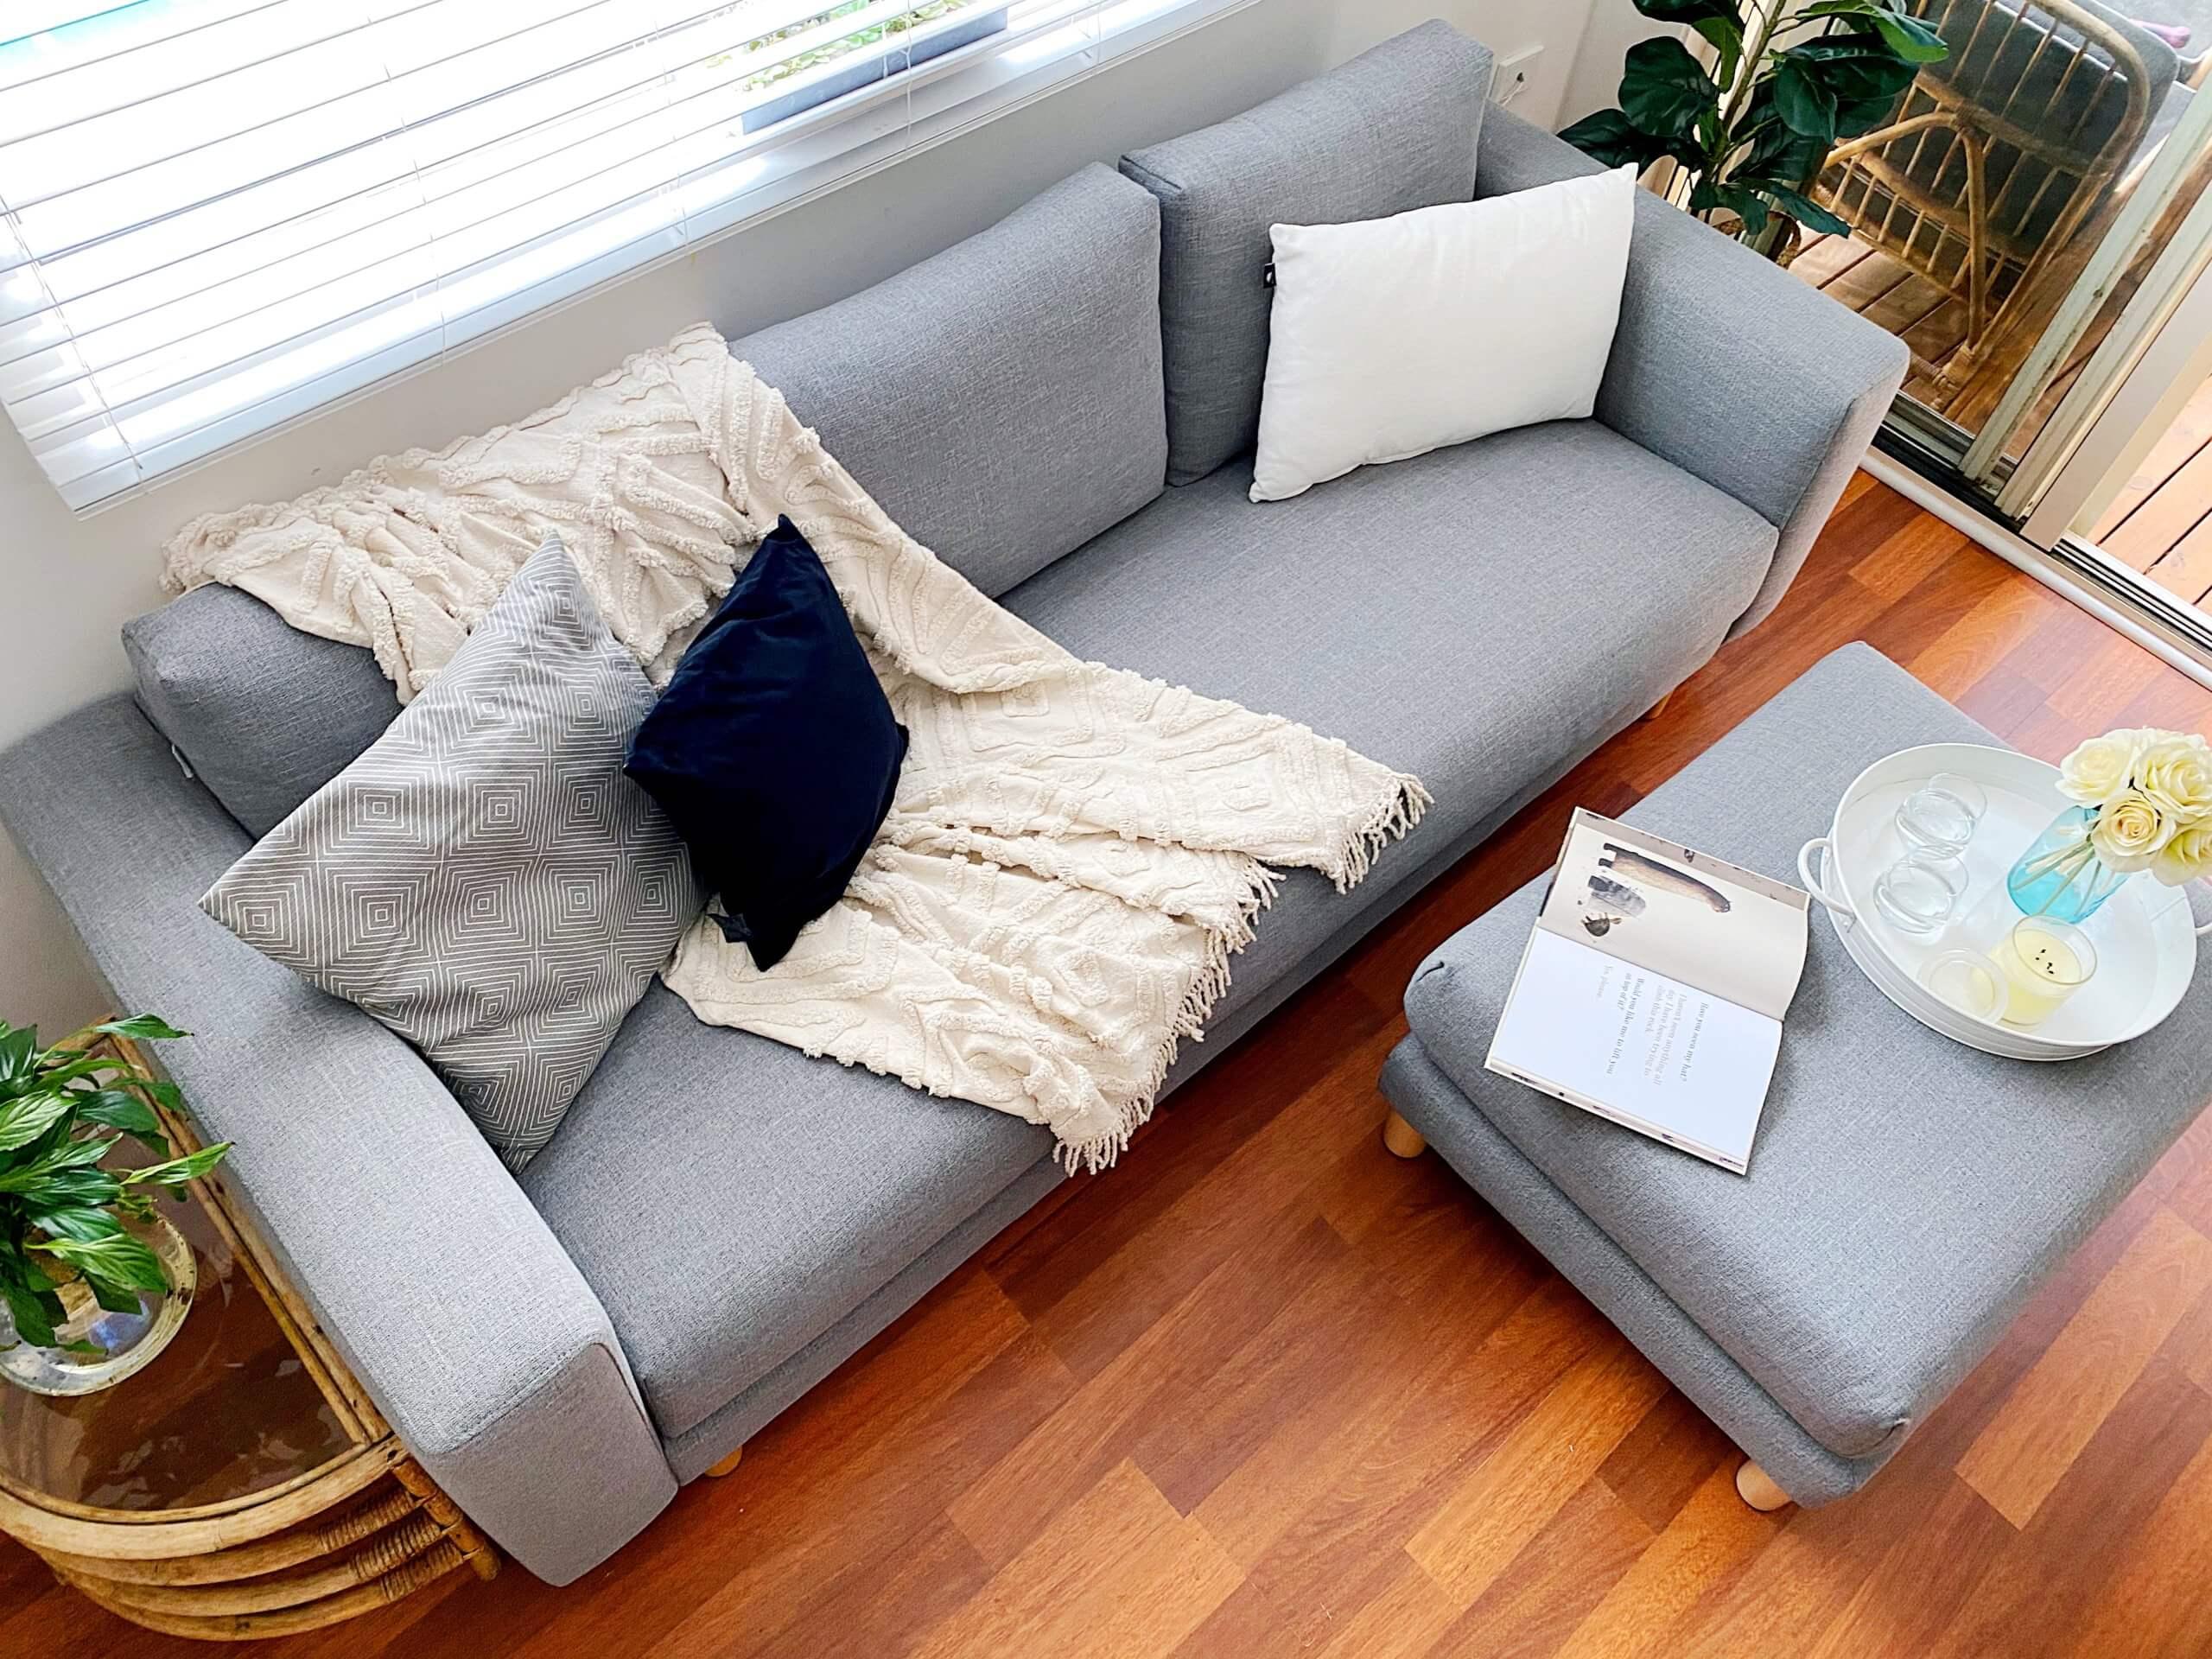 Styling a grey sofa